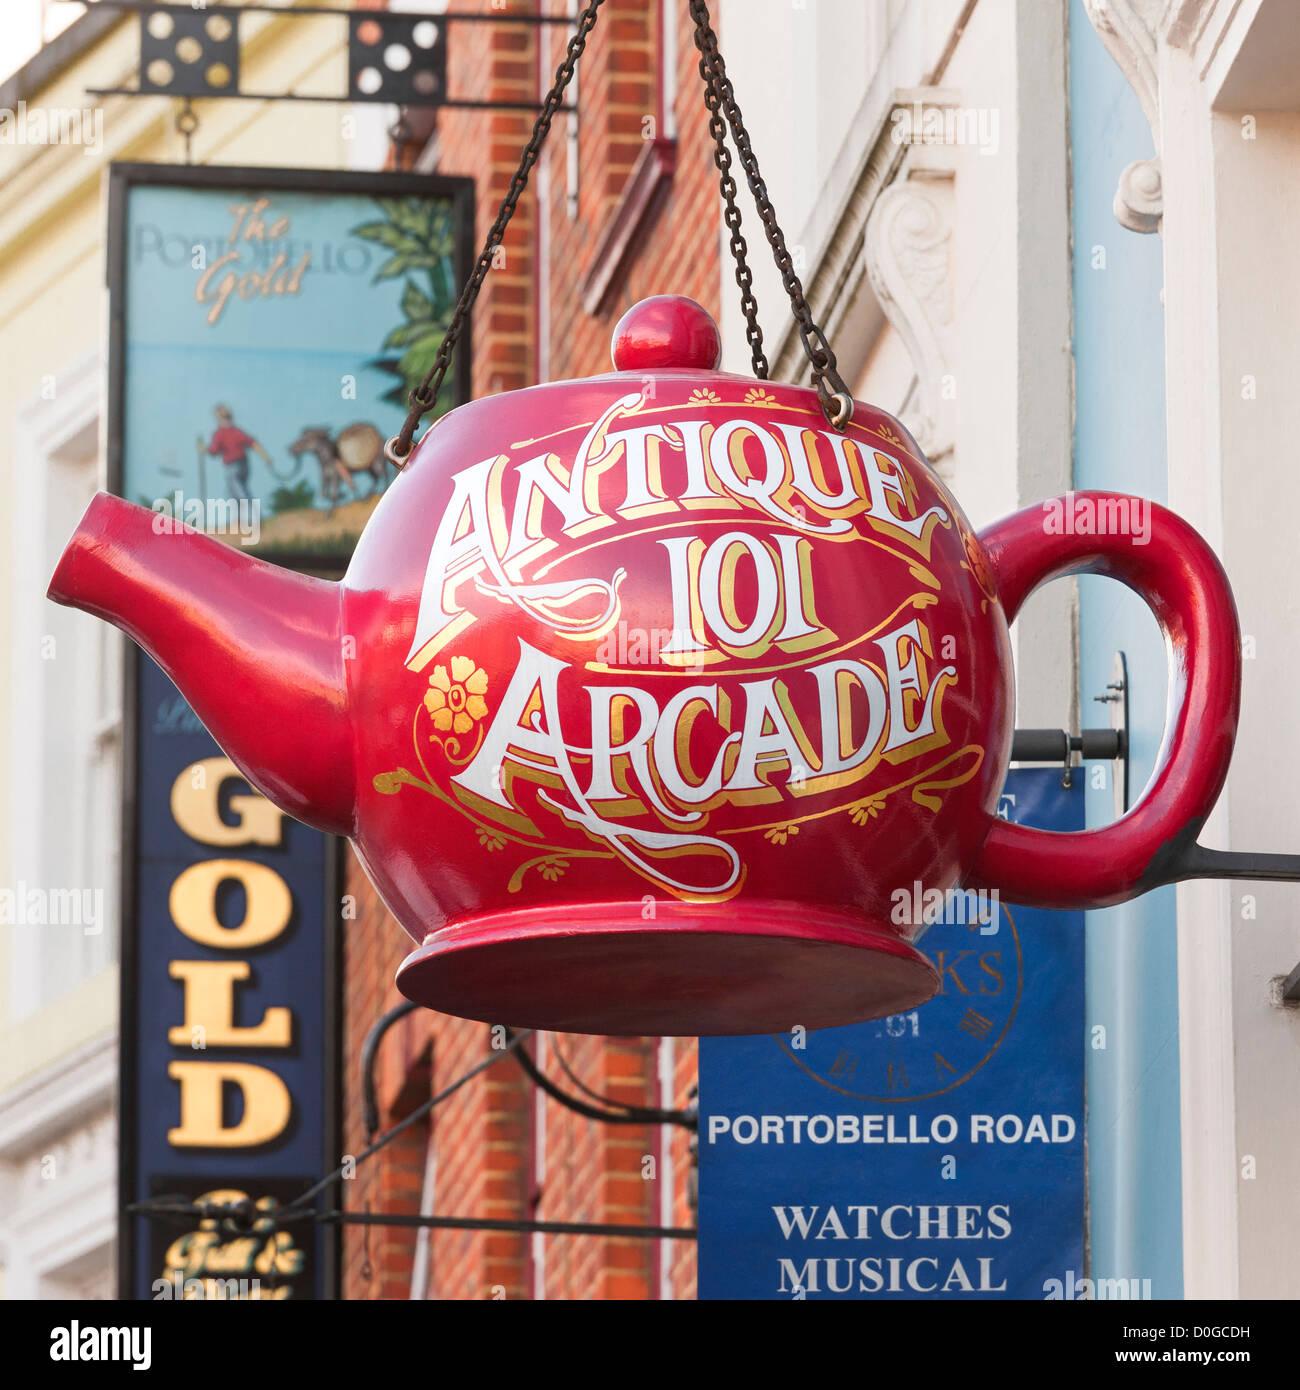 Londres, Portobello Road, Notting Hill. La tetera grande rojo shop firmar por el antiguo centro comercial de antigüedades 101 Arcade en Portobello Rd. Foto de stock